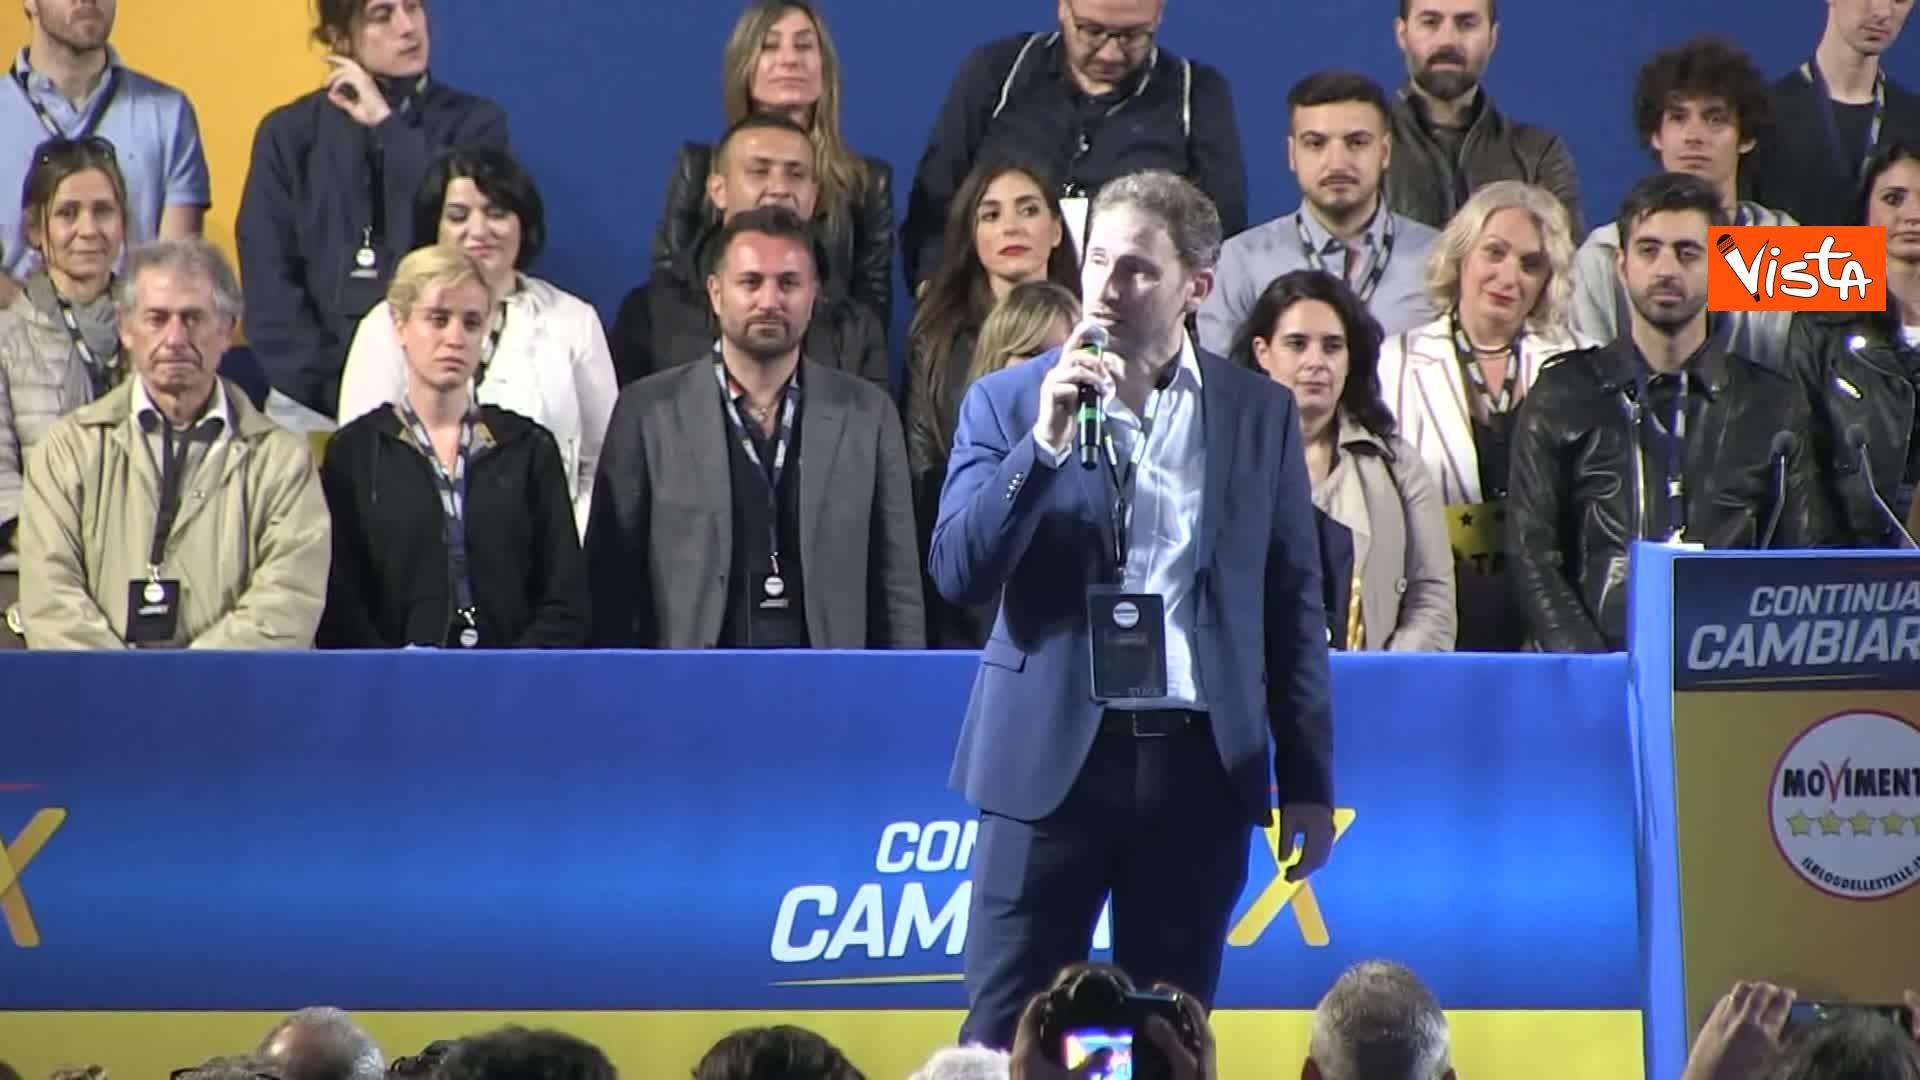 Davide Casaleggio_02